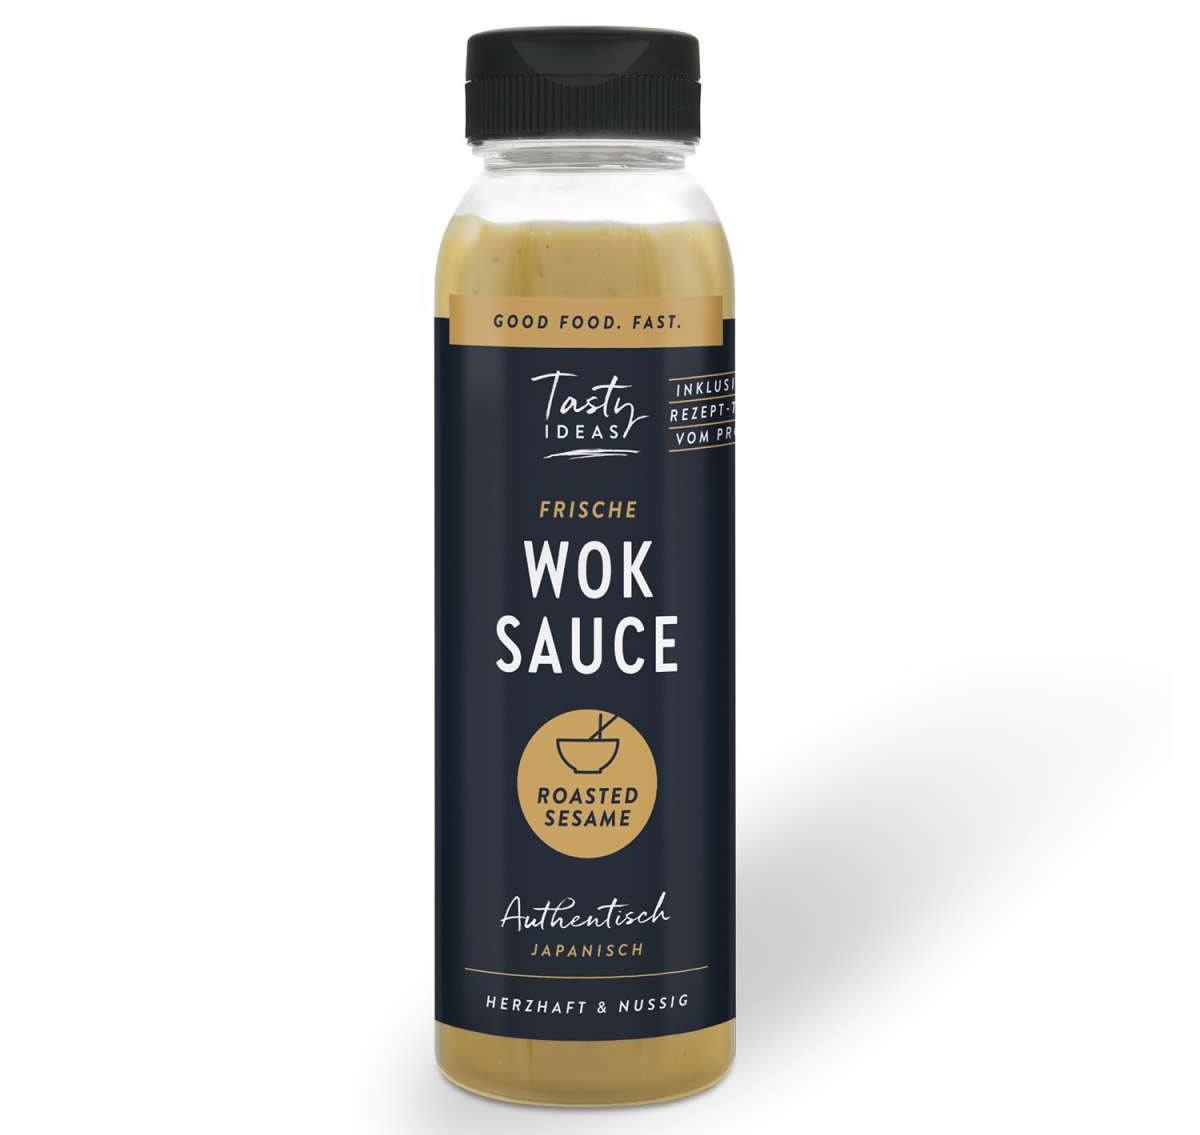 TASTY IDEAS TASTY IDEAS Wok Sauce - Japanese Roasted Sesame